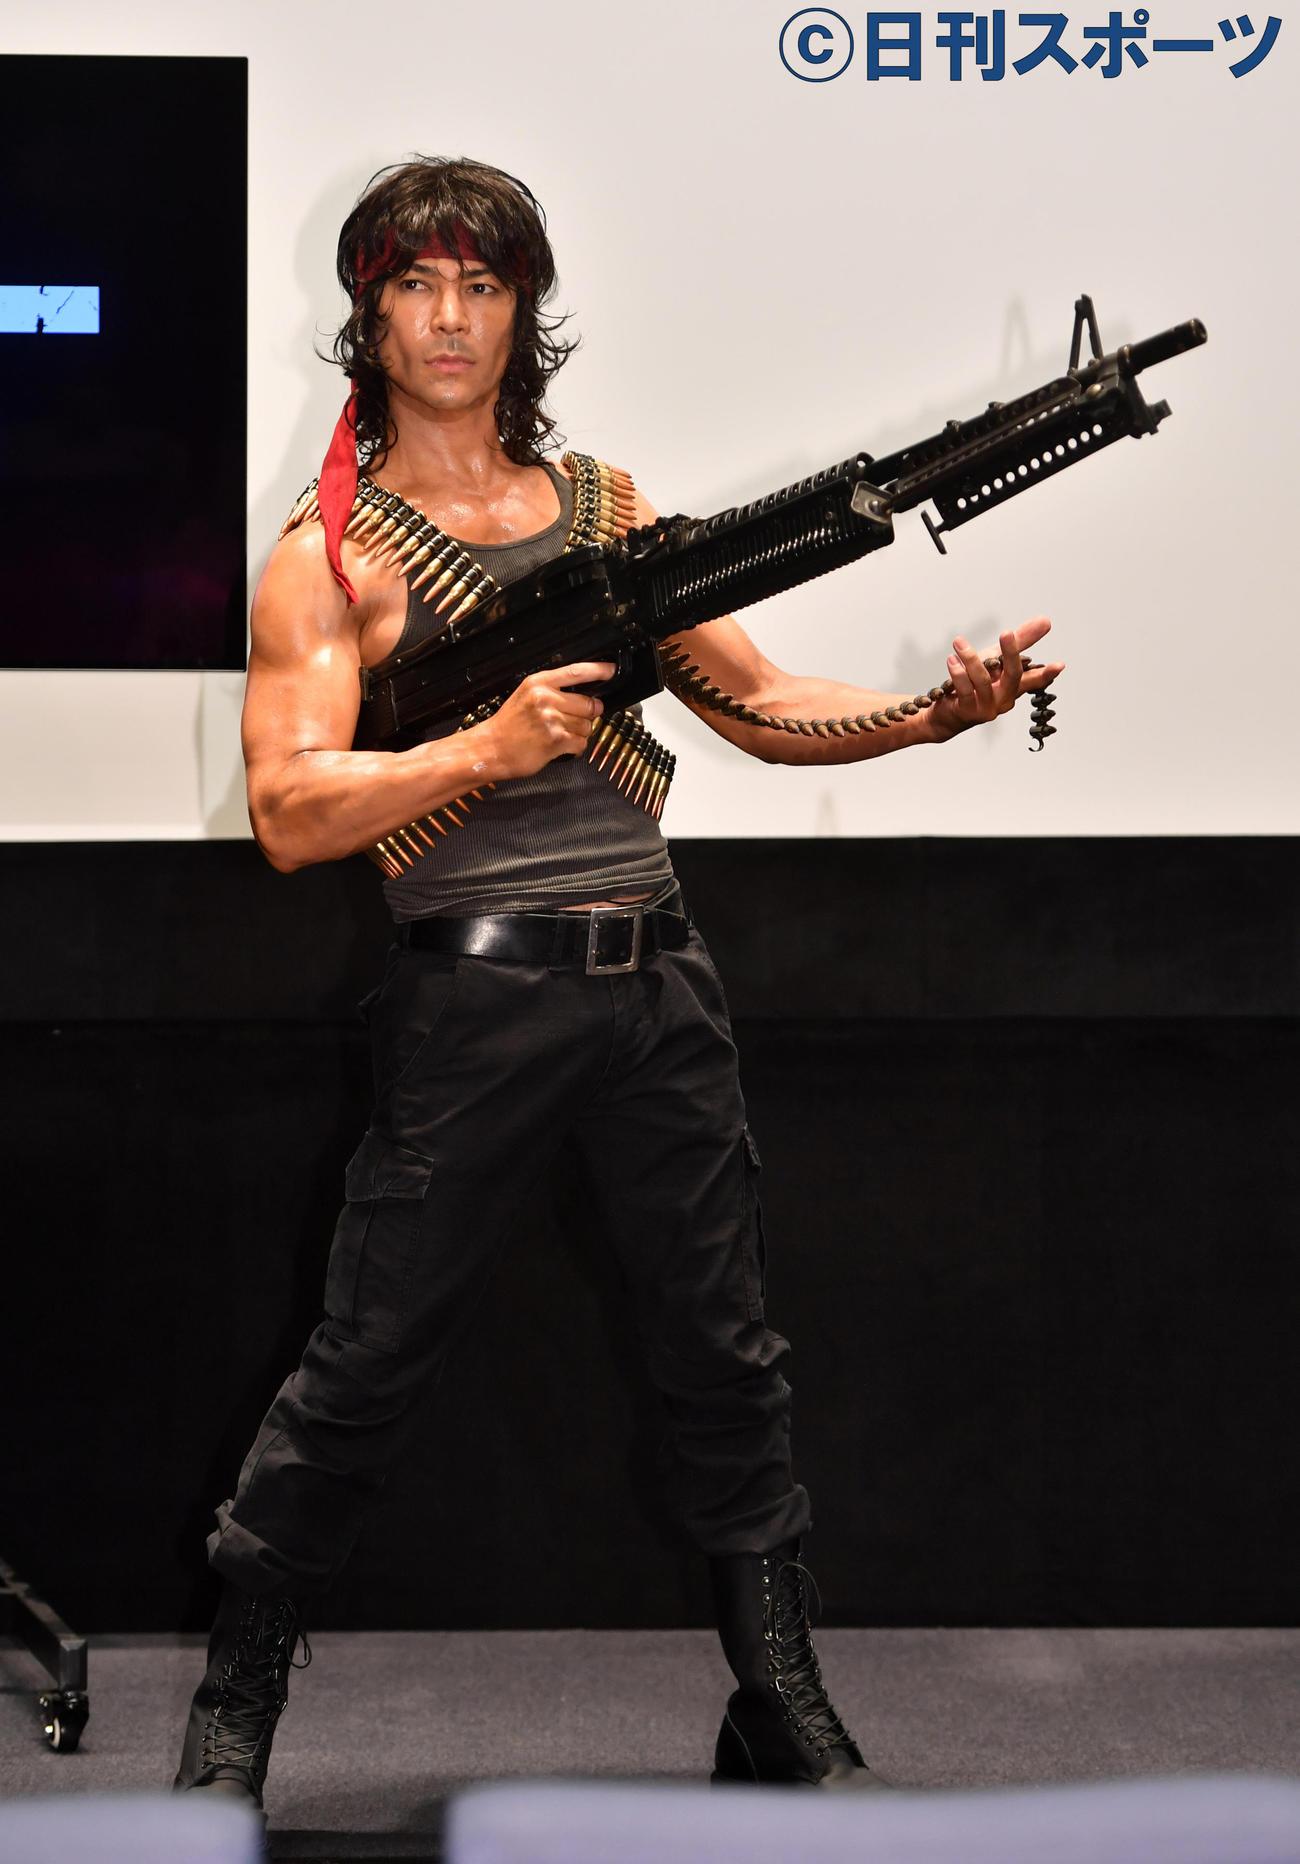 映画「ランボー ラスト・ブラッド」のイベントでランボーに扮した武田真治(20年6月17日撮影)